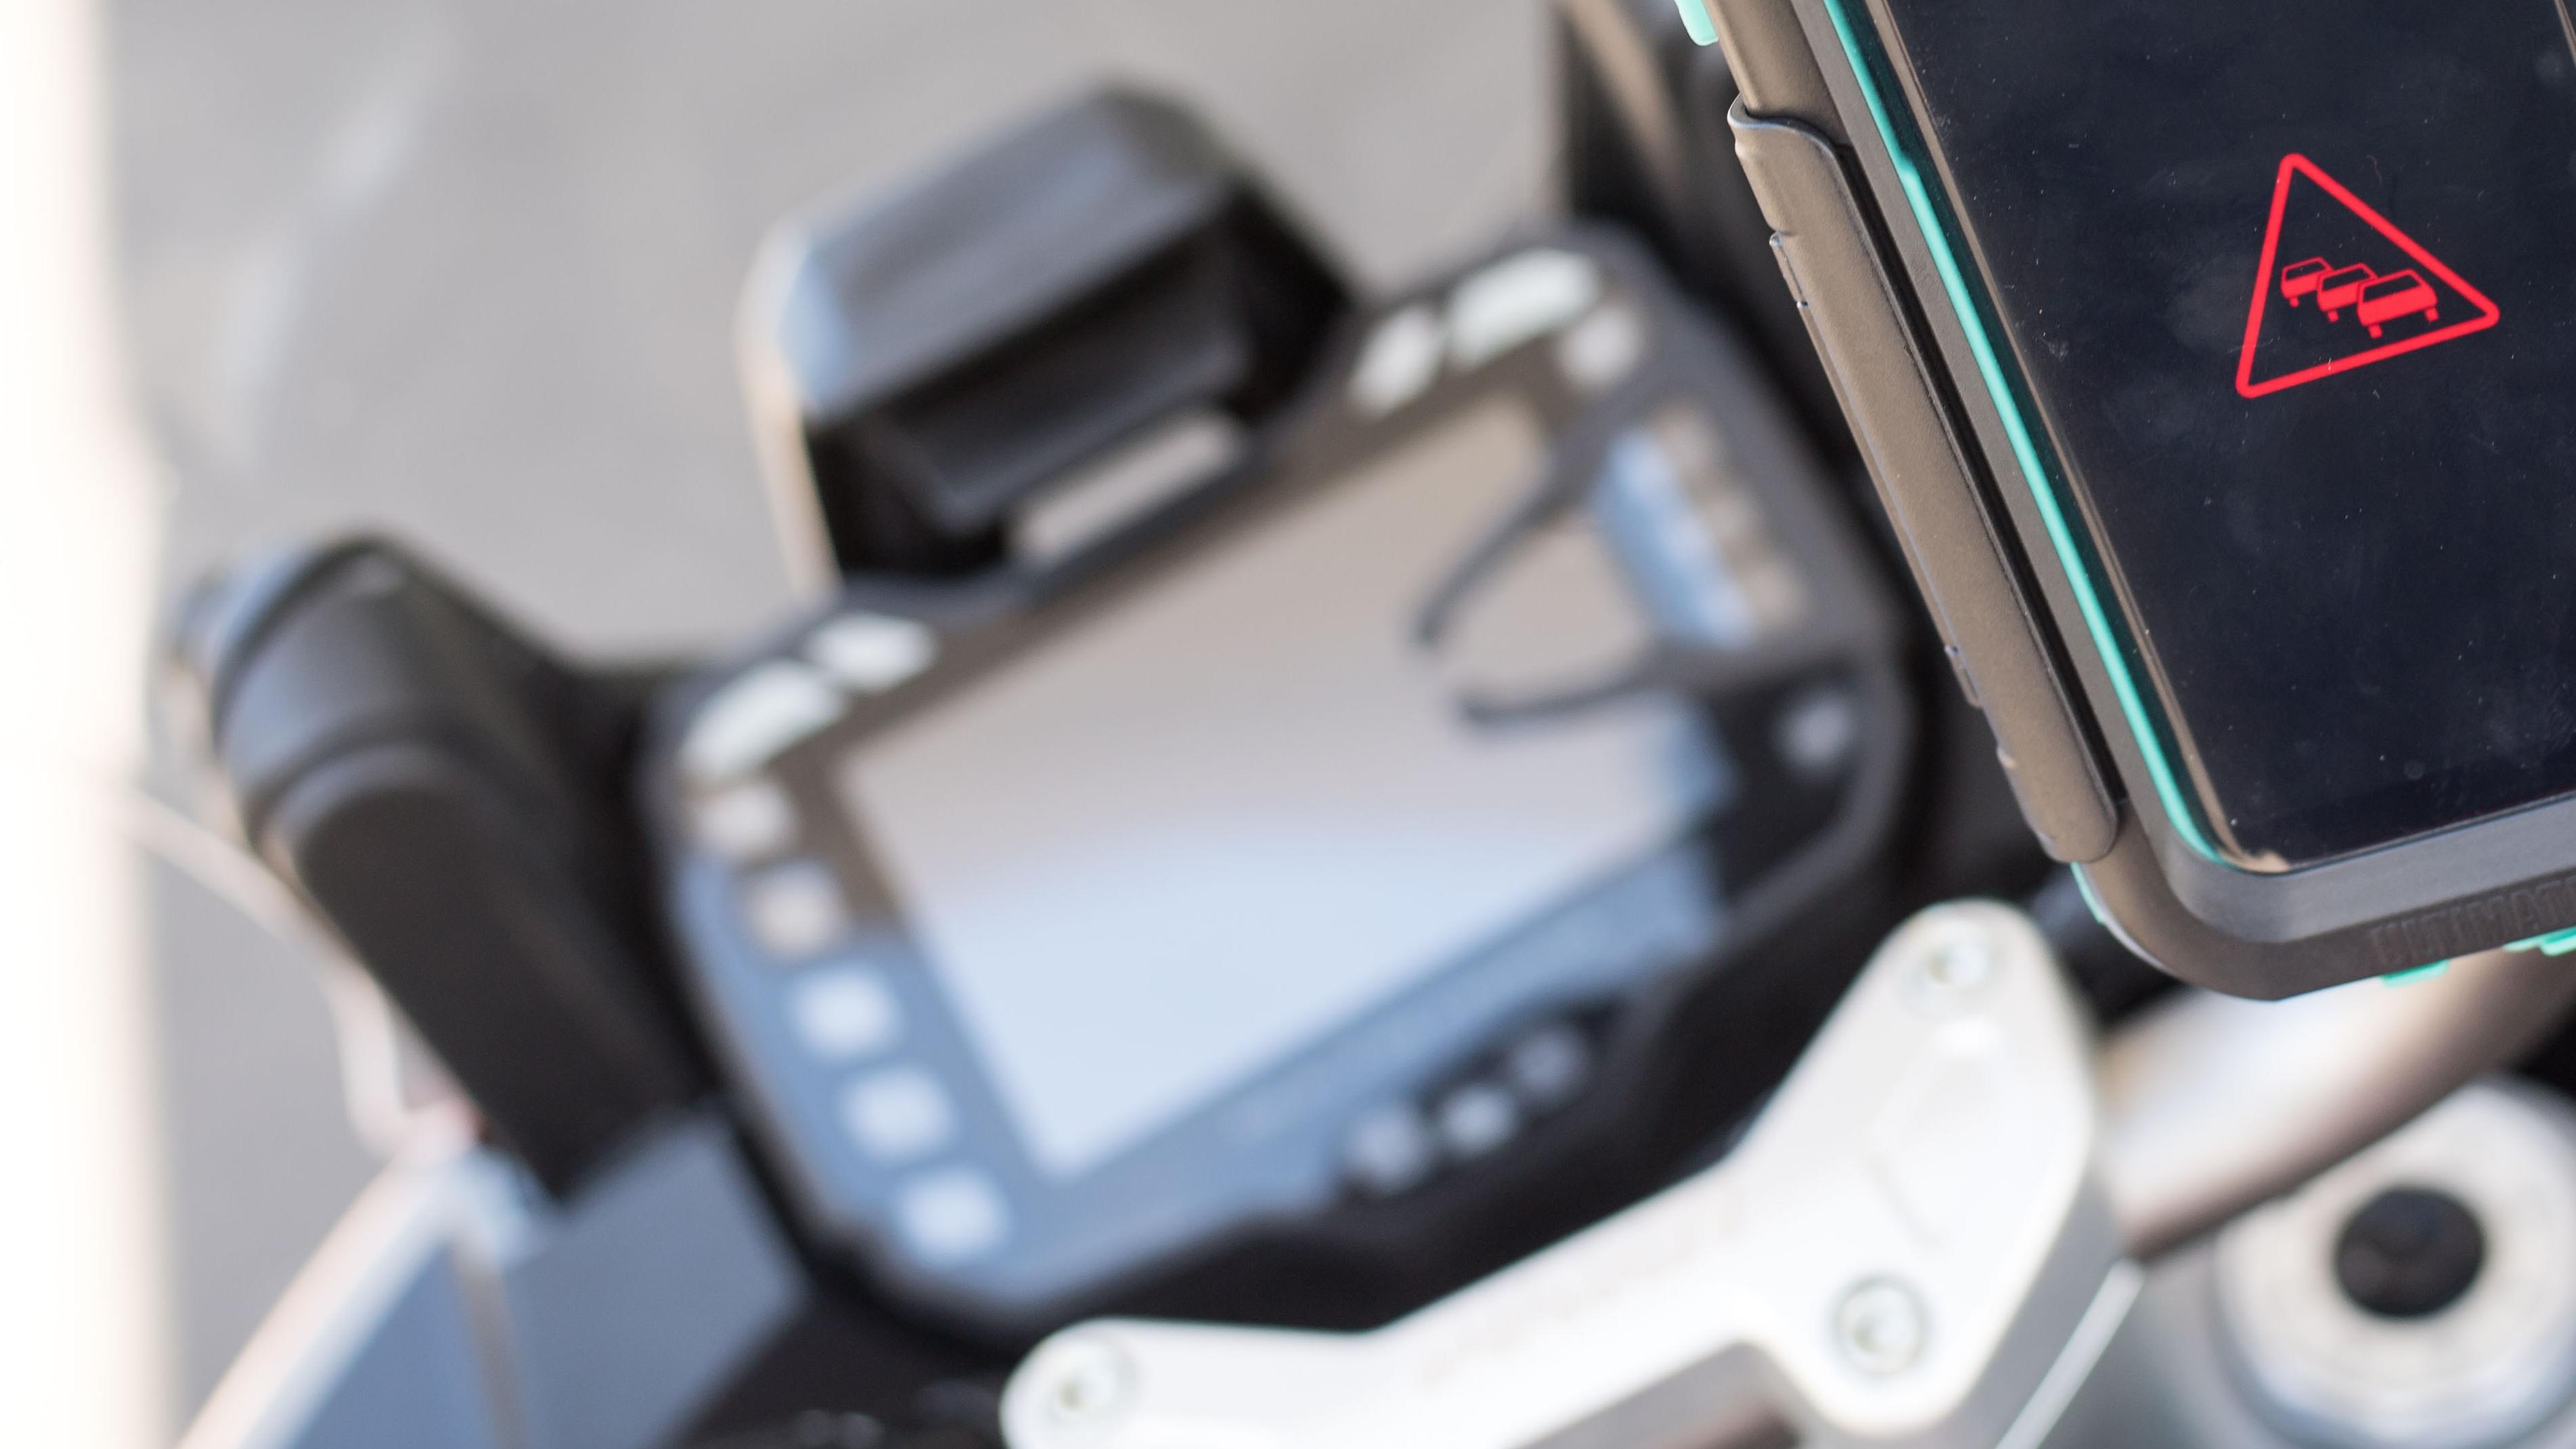 Motociclistas: quando a tecnologia salva vidas